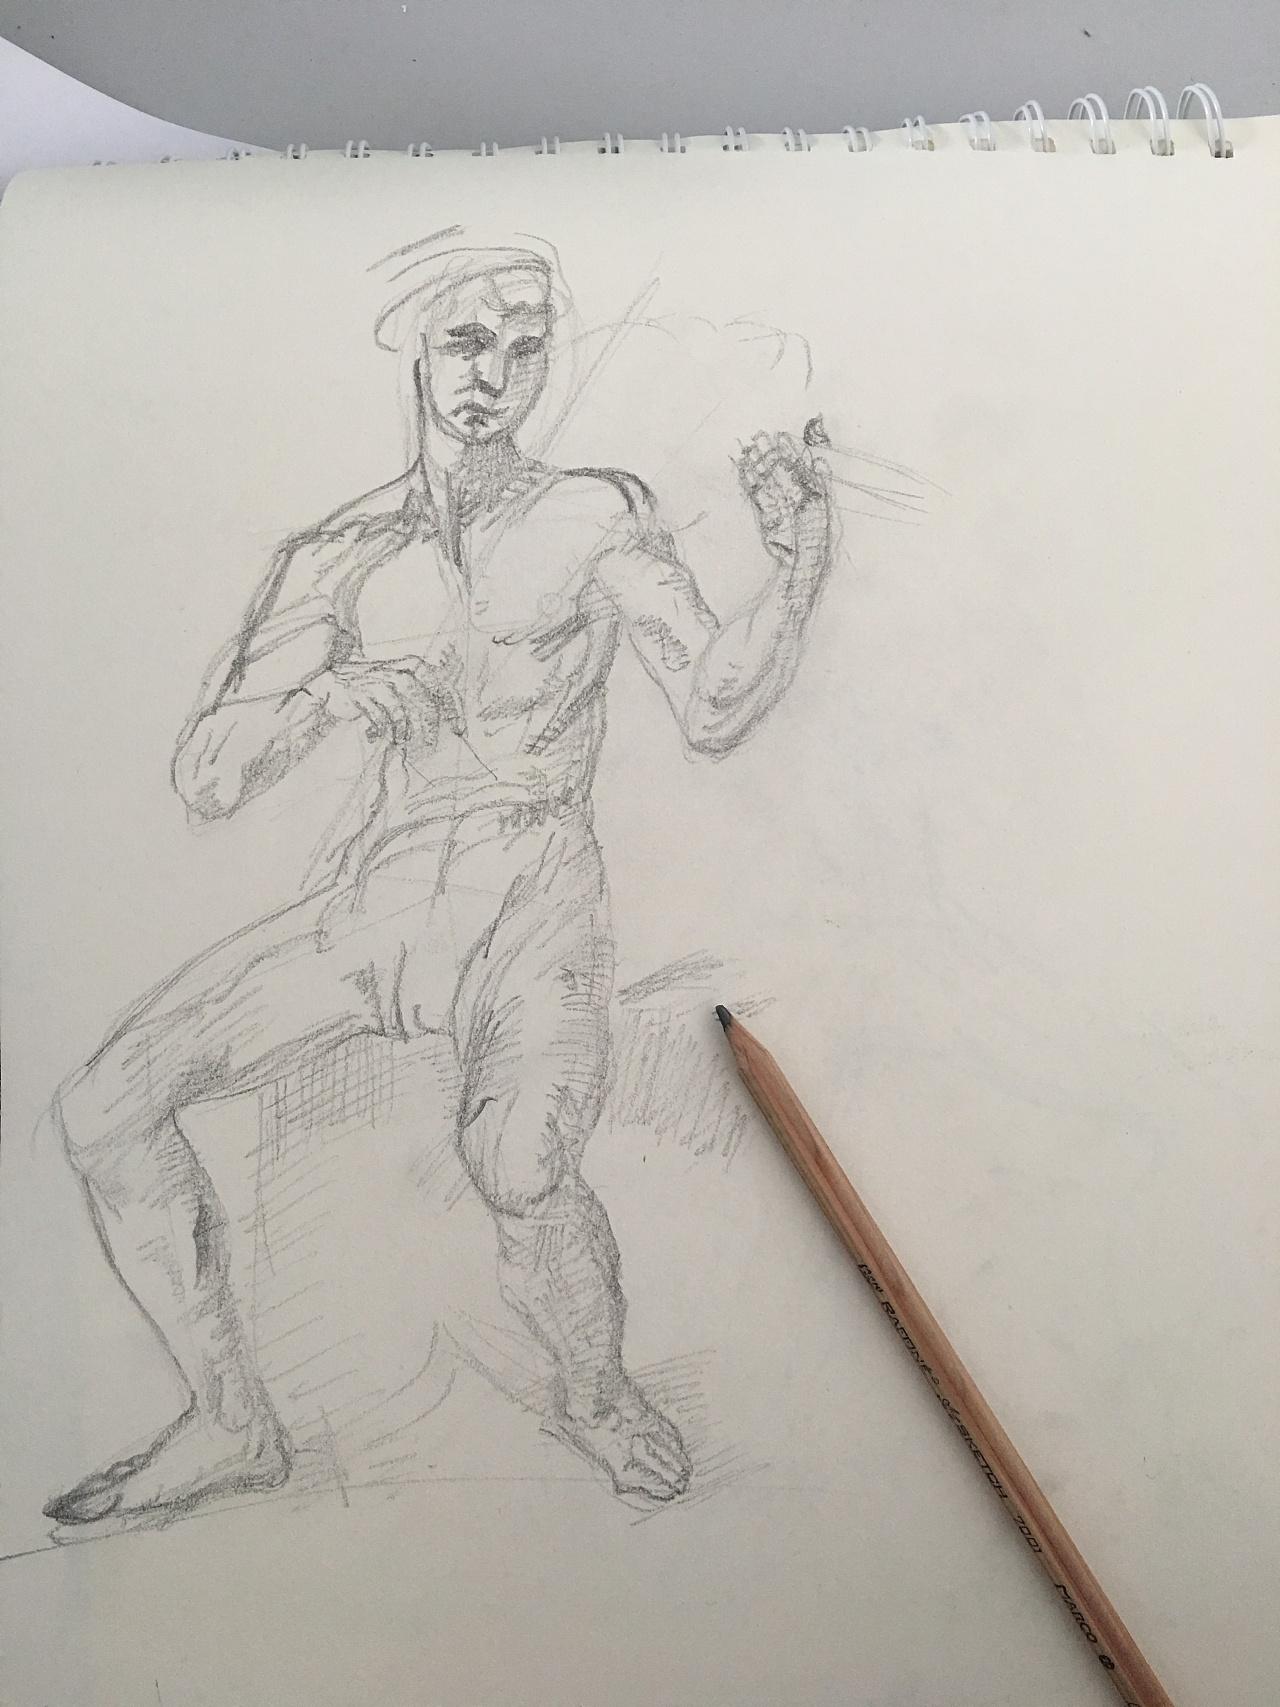 人像素描练习图片